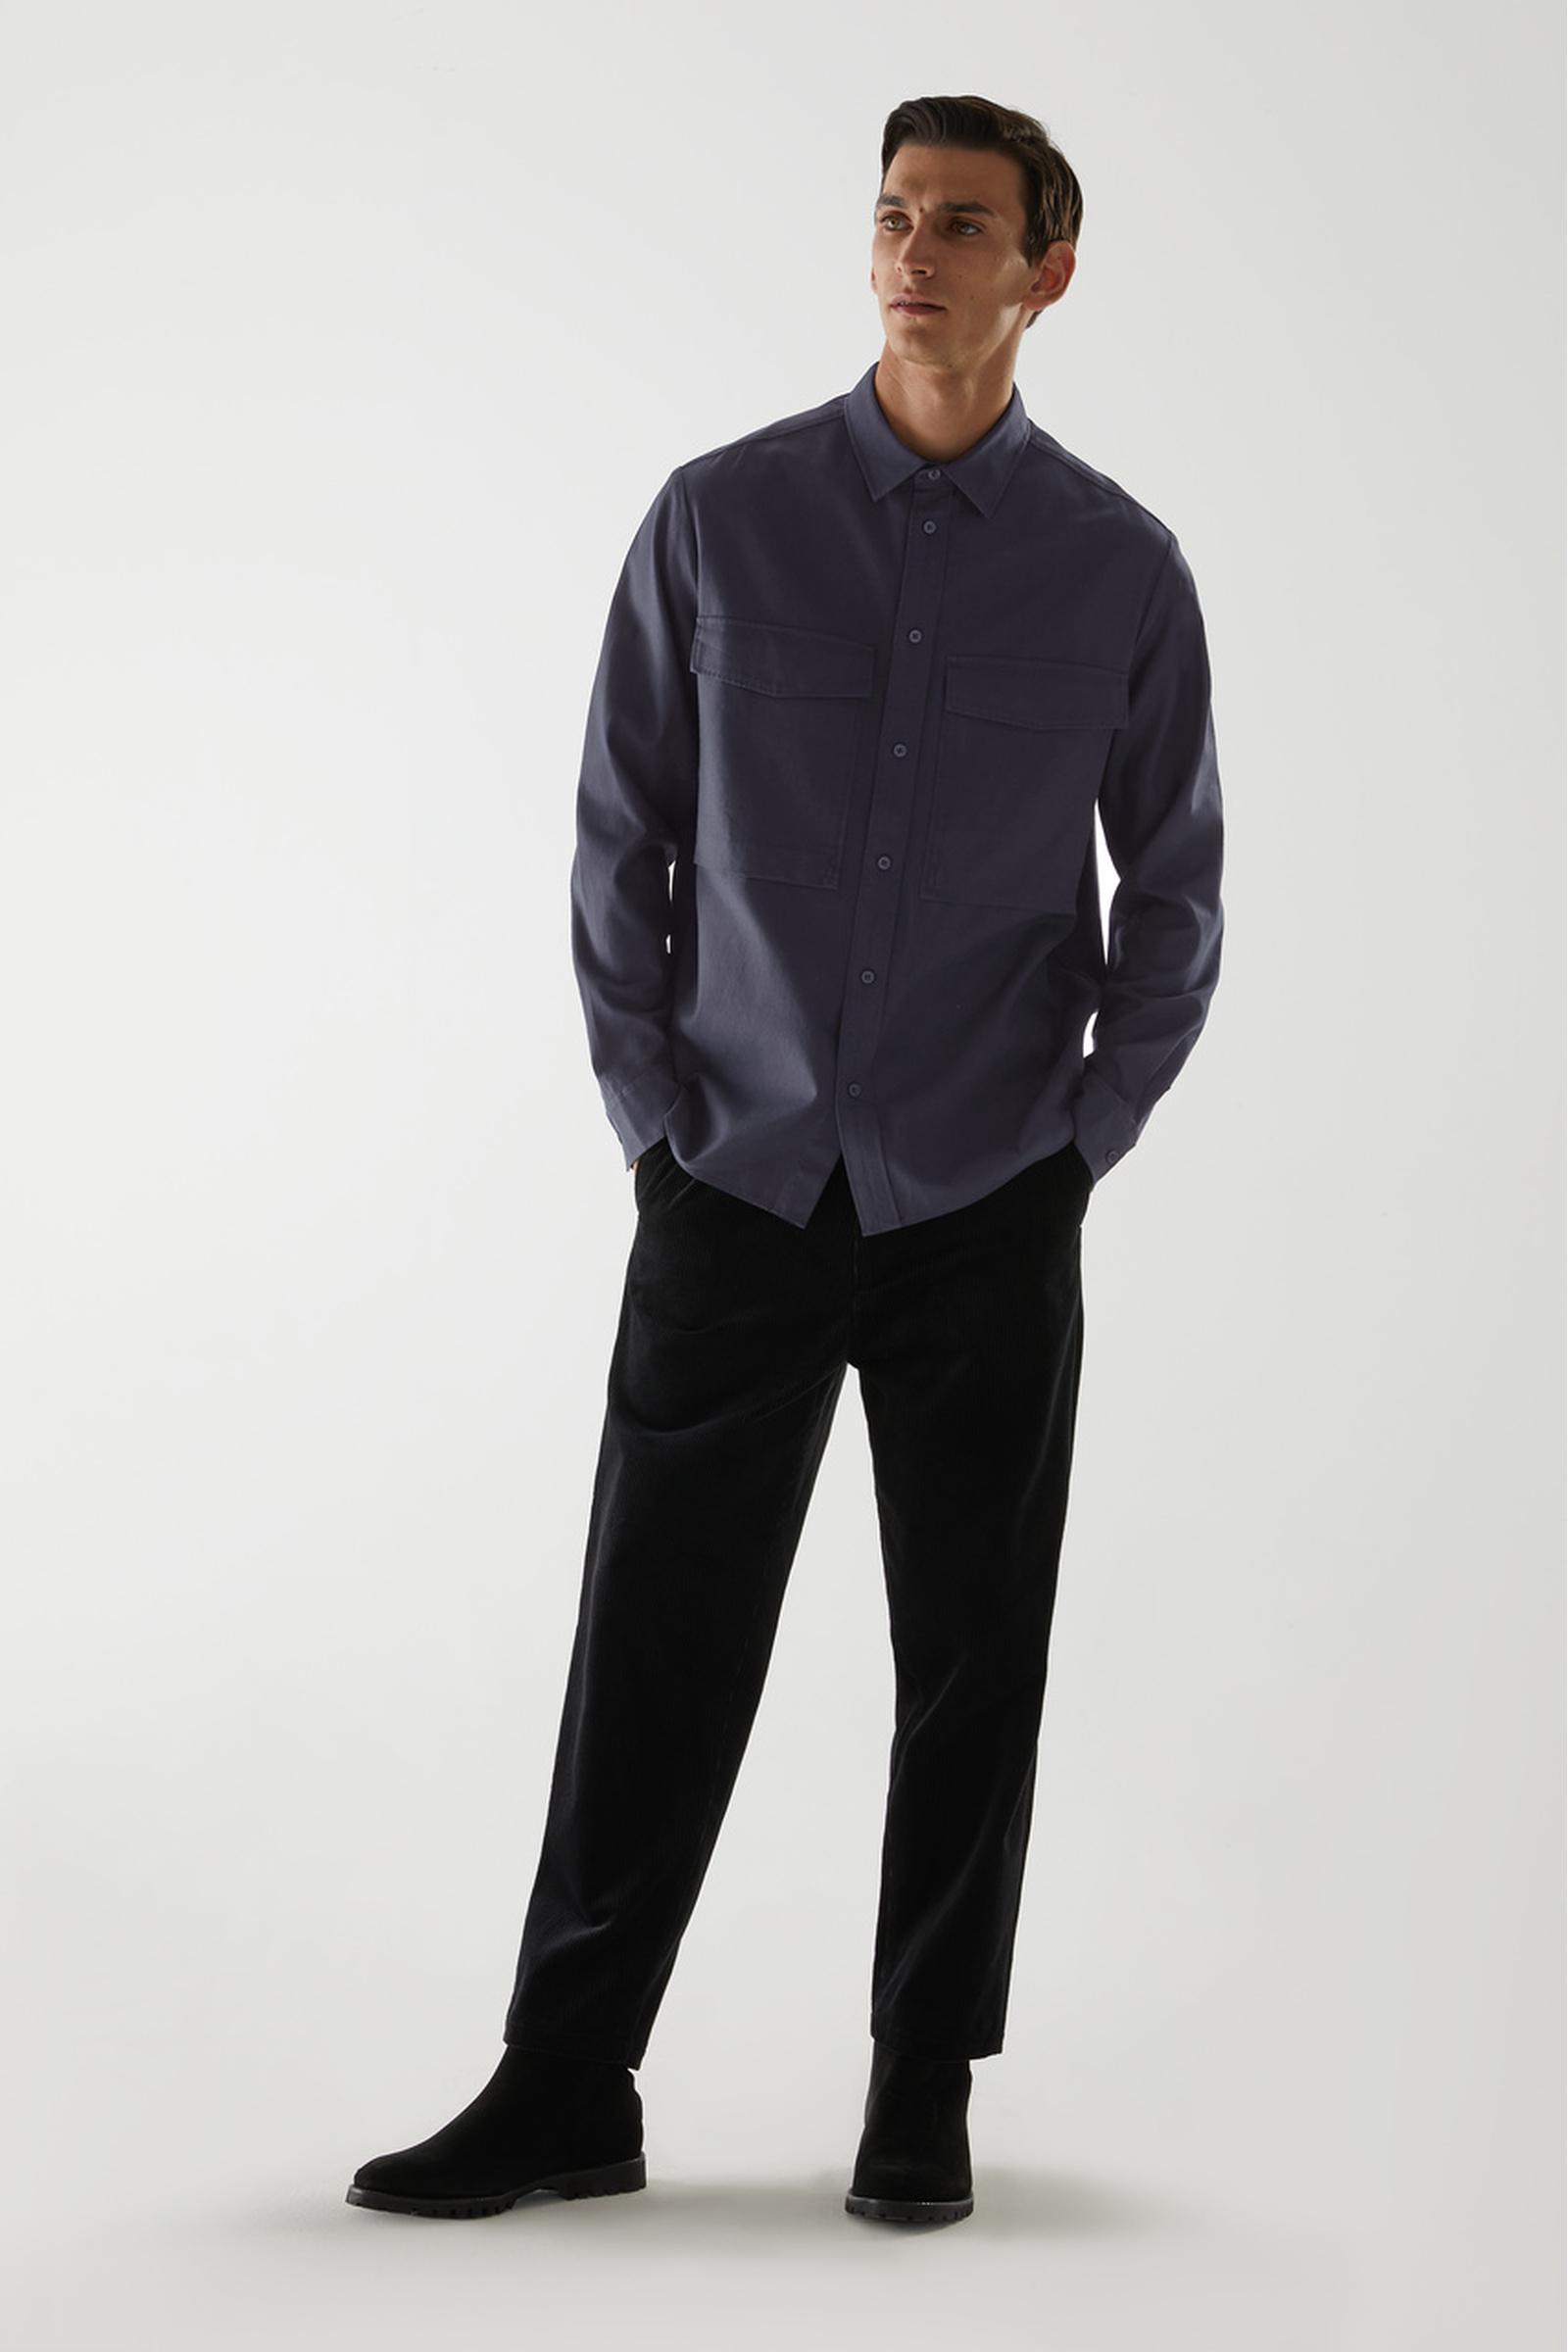 COS 릴랙스드 투포켓 셔츠의 미드나이트 블루컬러 ECOMLook입니다.